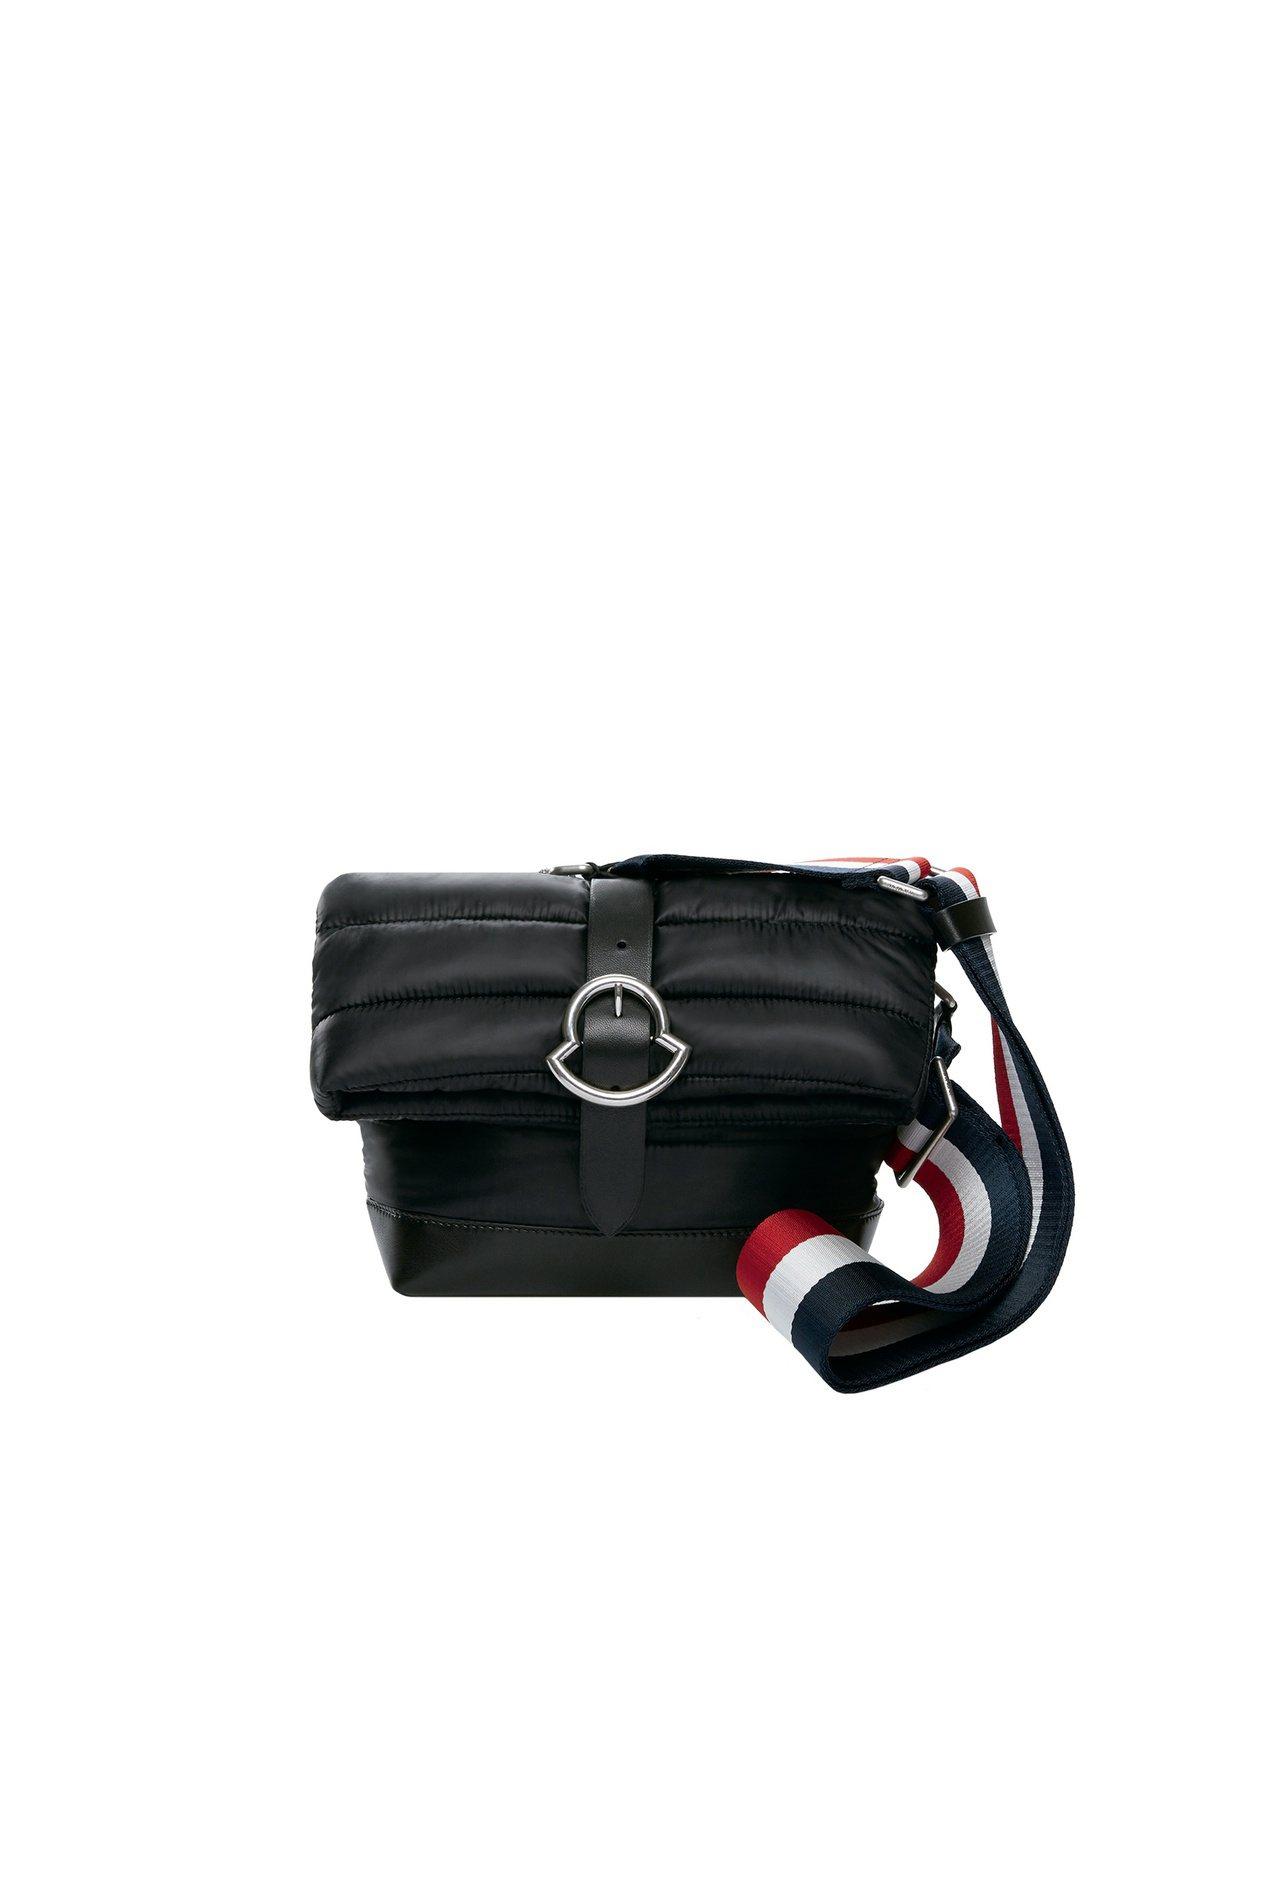 Liska PM黑色女性肩背包,售價16,400元。圖/MONCLER提供